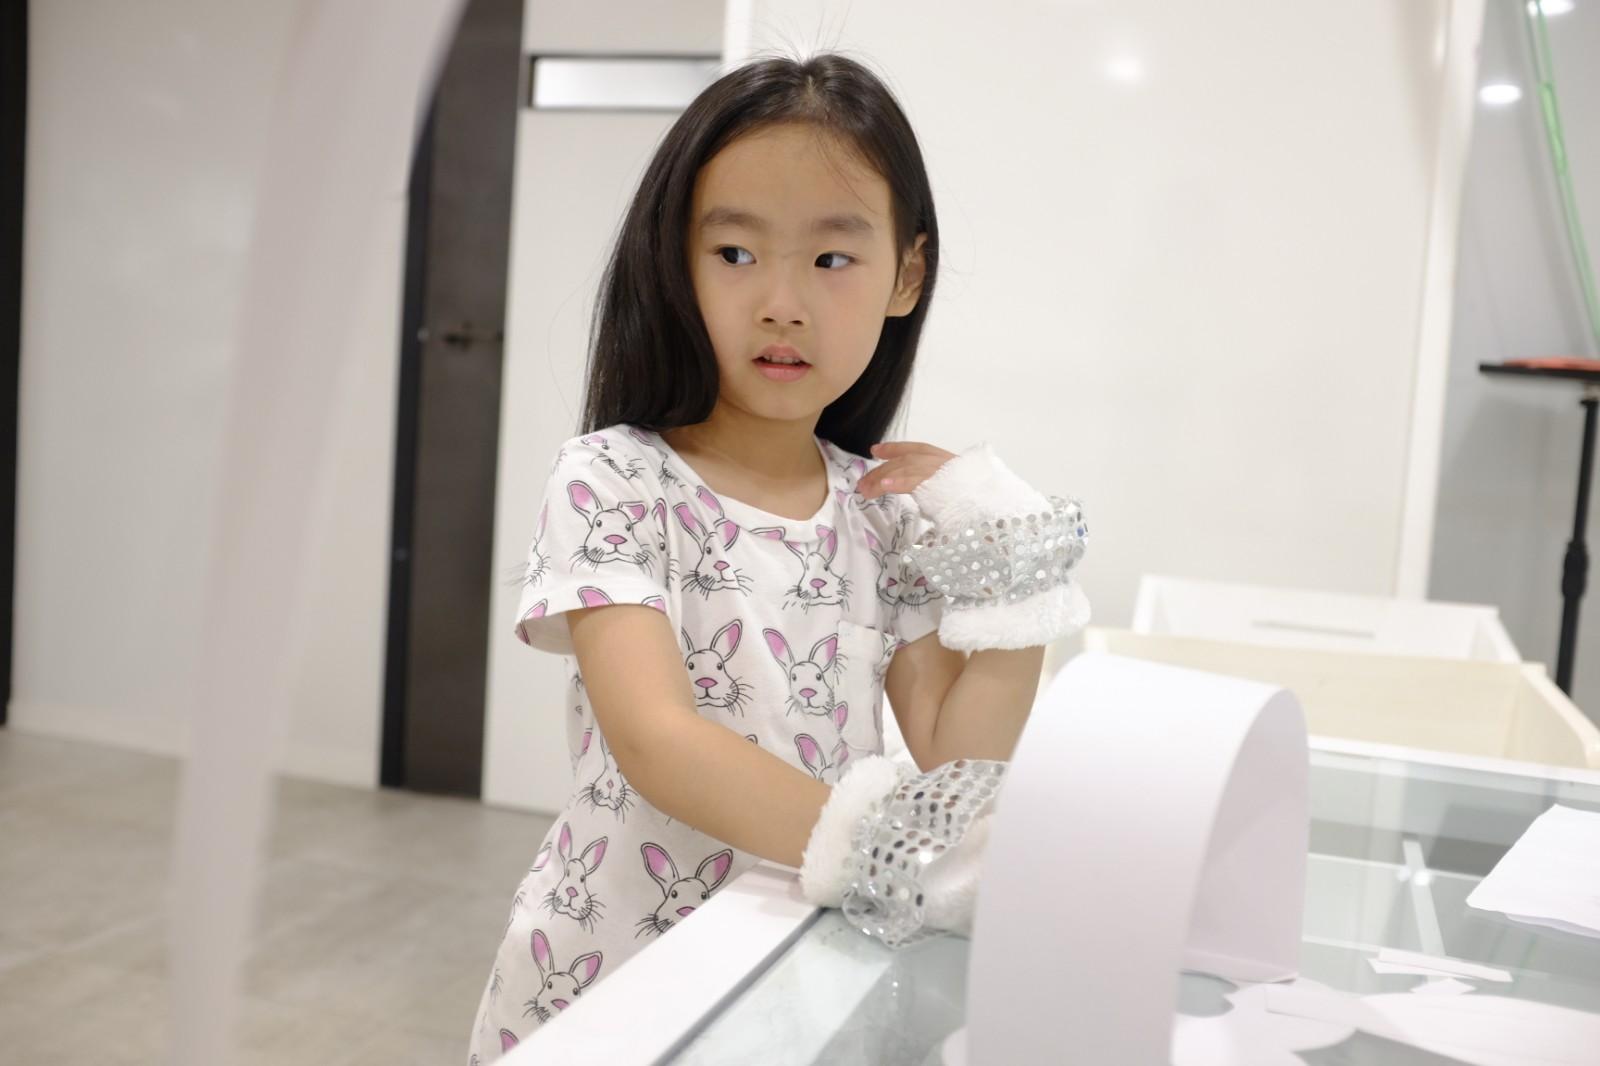 儿童美术培训能送孩子最佳时期的教导带来什么?